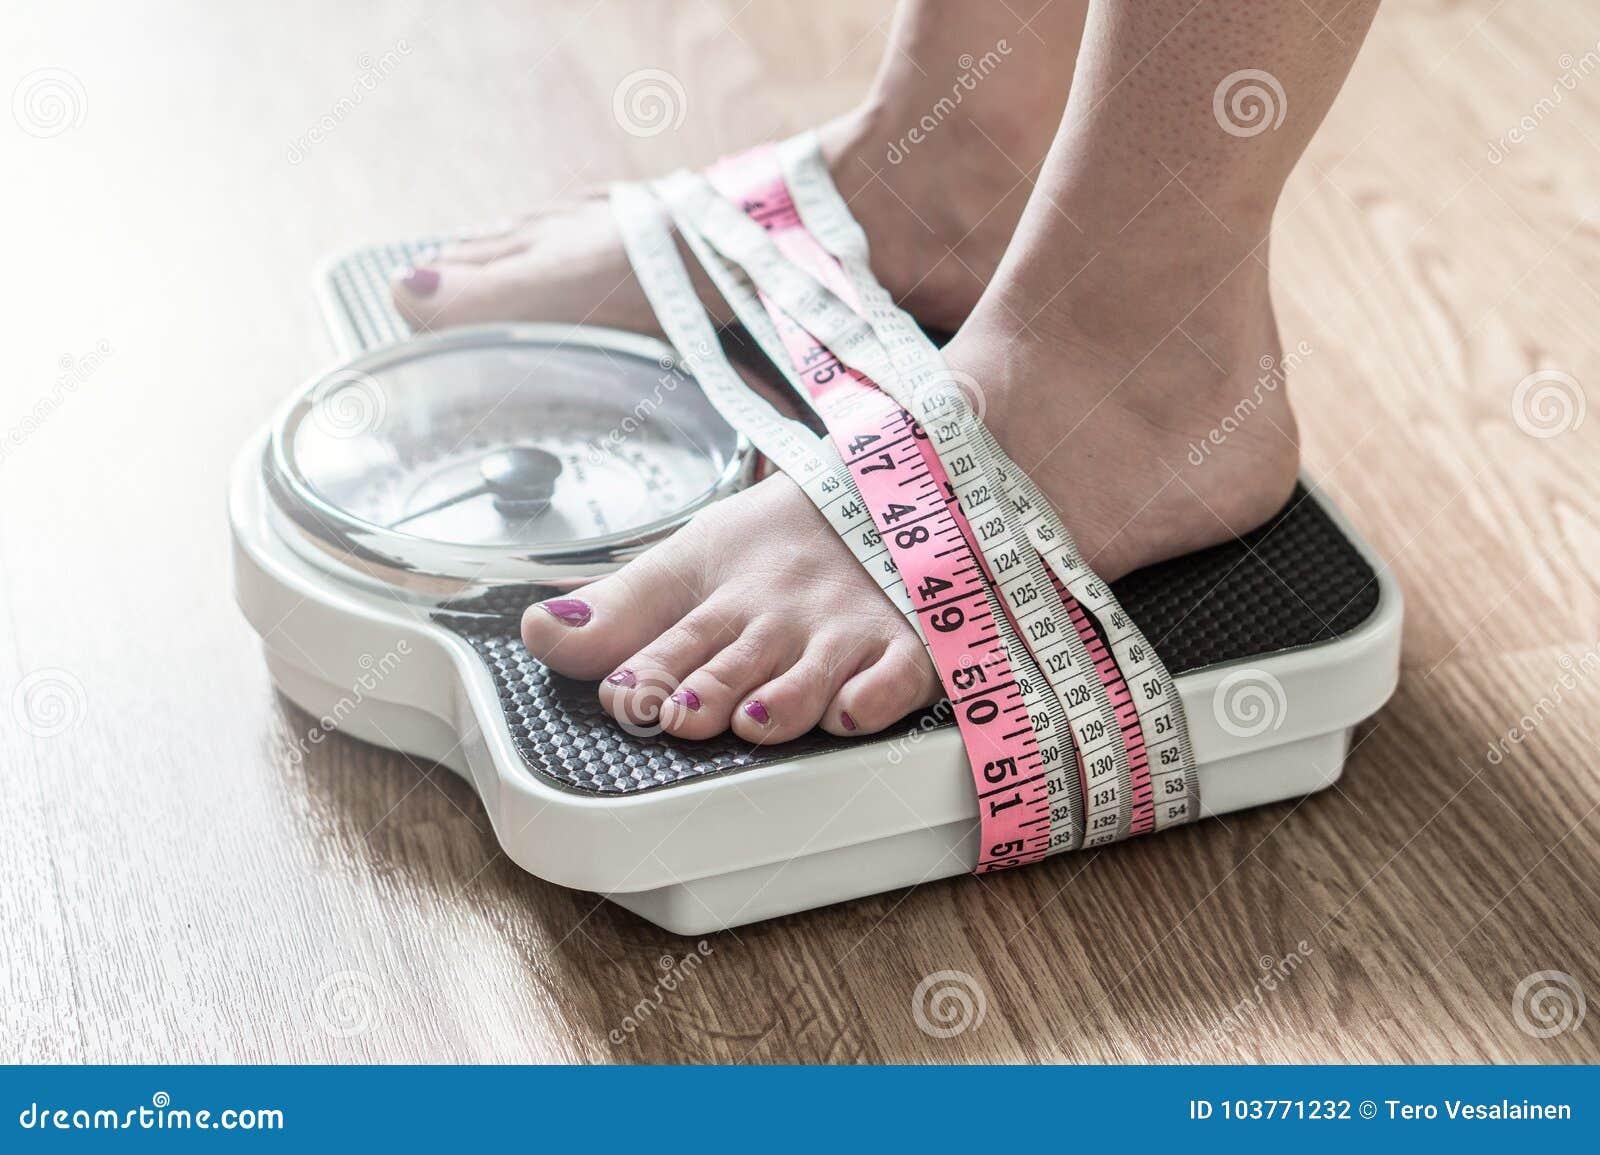 Έννοια ανορεξίας και διατροφικής διαταραχής